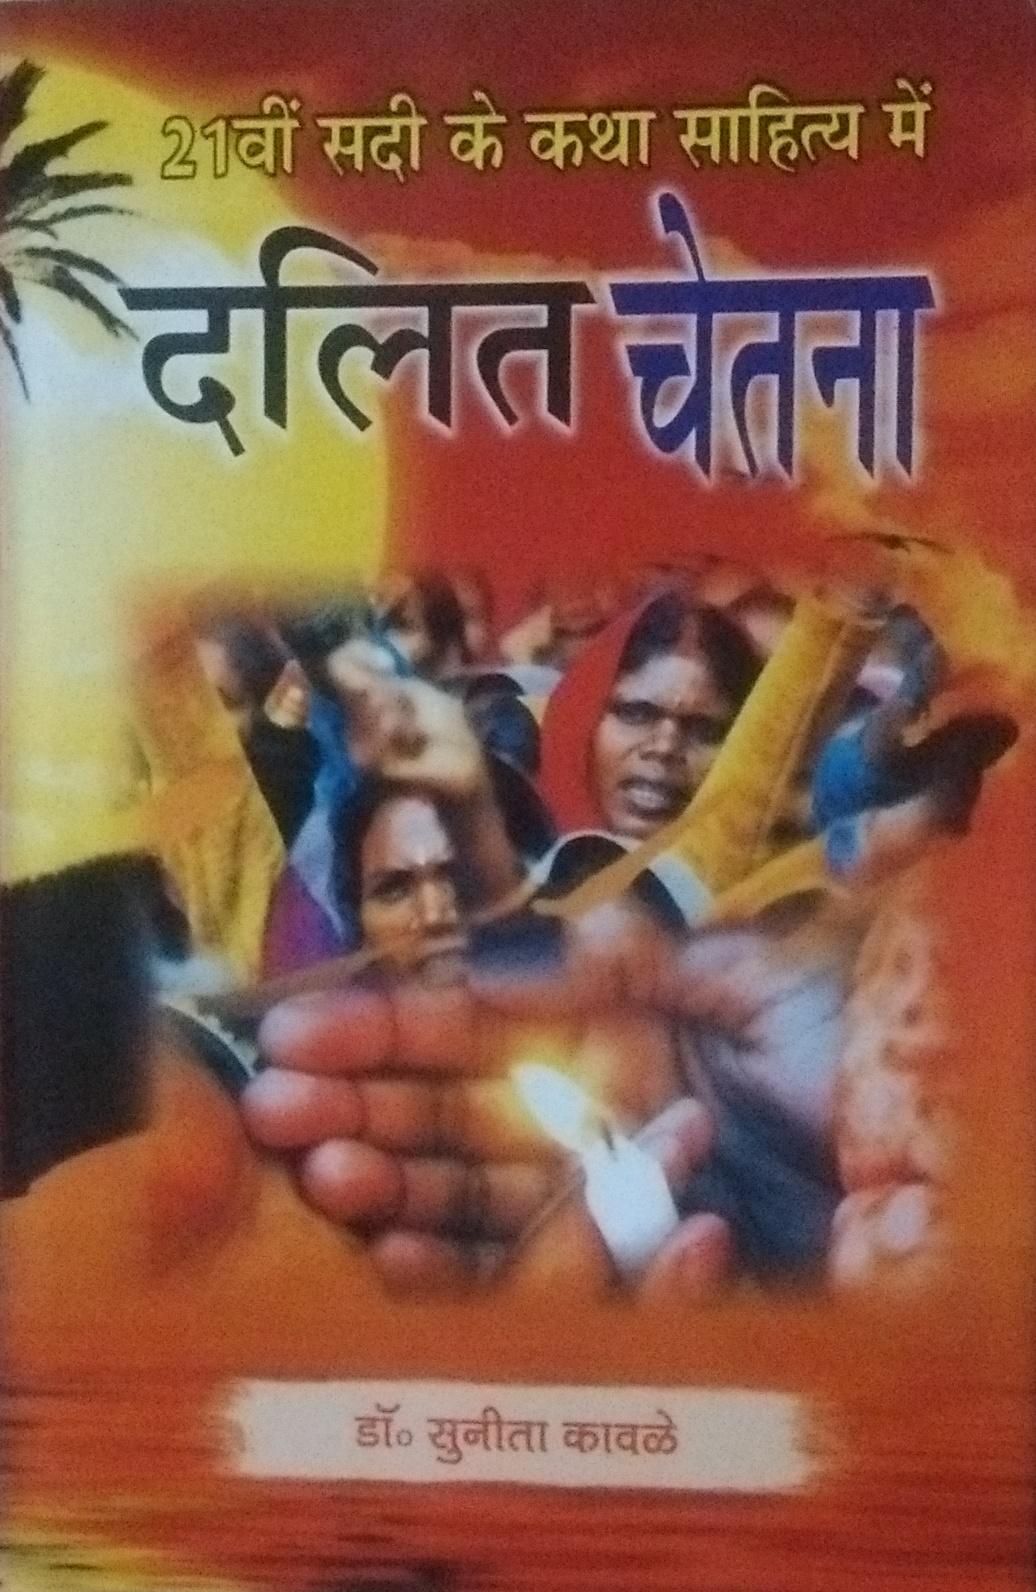 21vi Sadi ke Katha Sahitya me Dalit Chetna (Hindi)